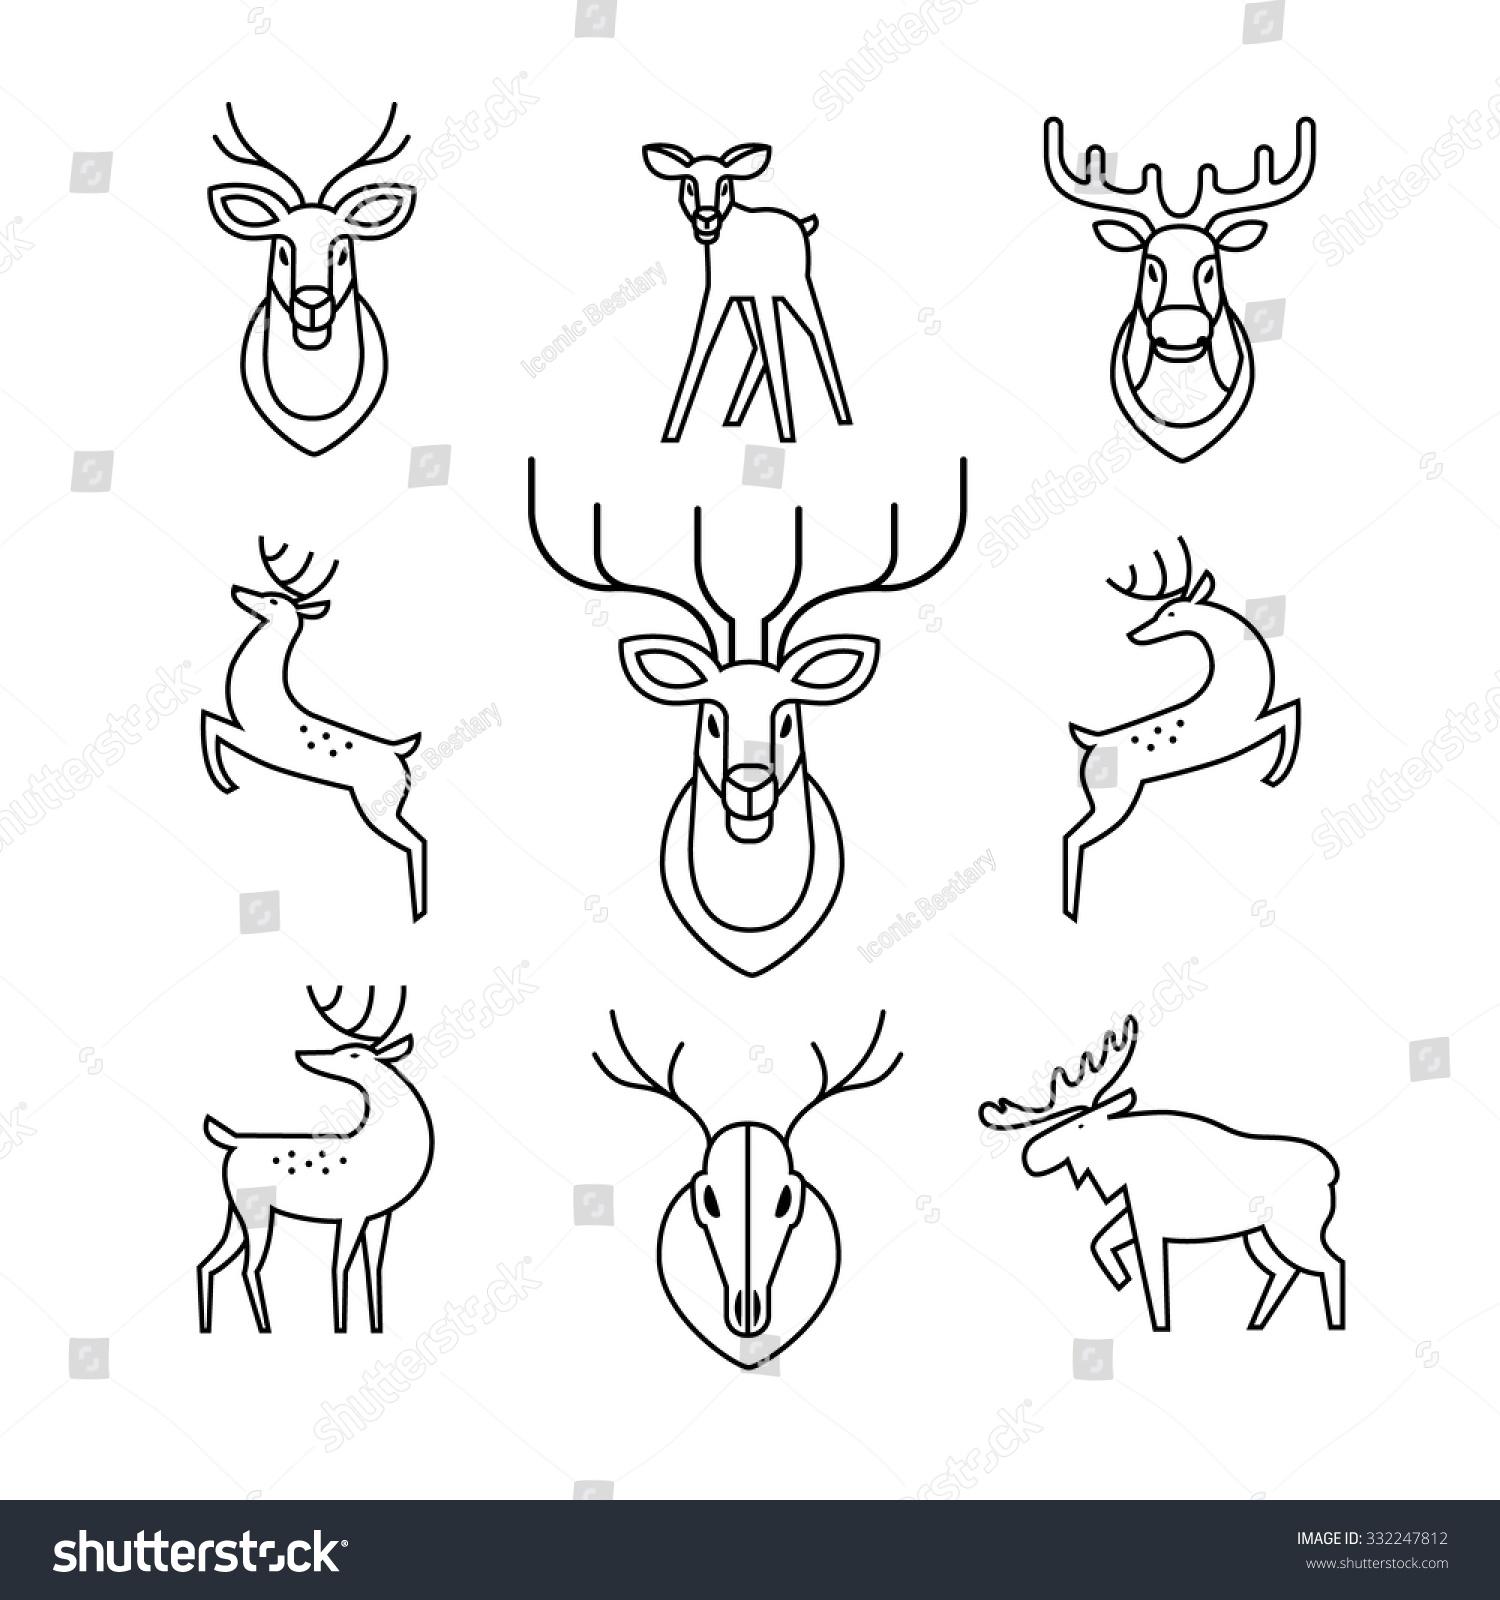 jumping standing deers moose antlers horns stock vector royalty